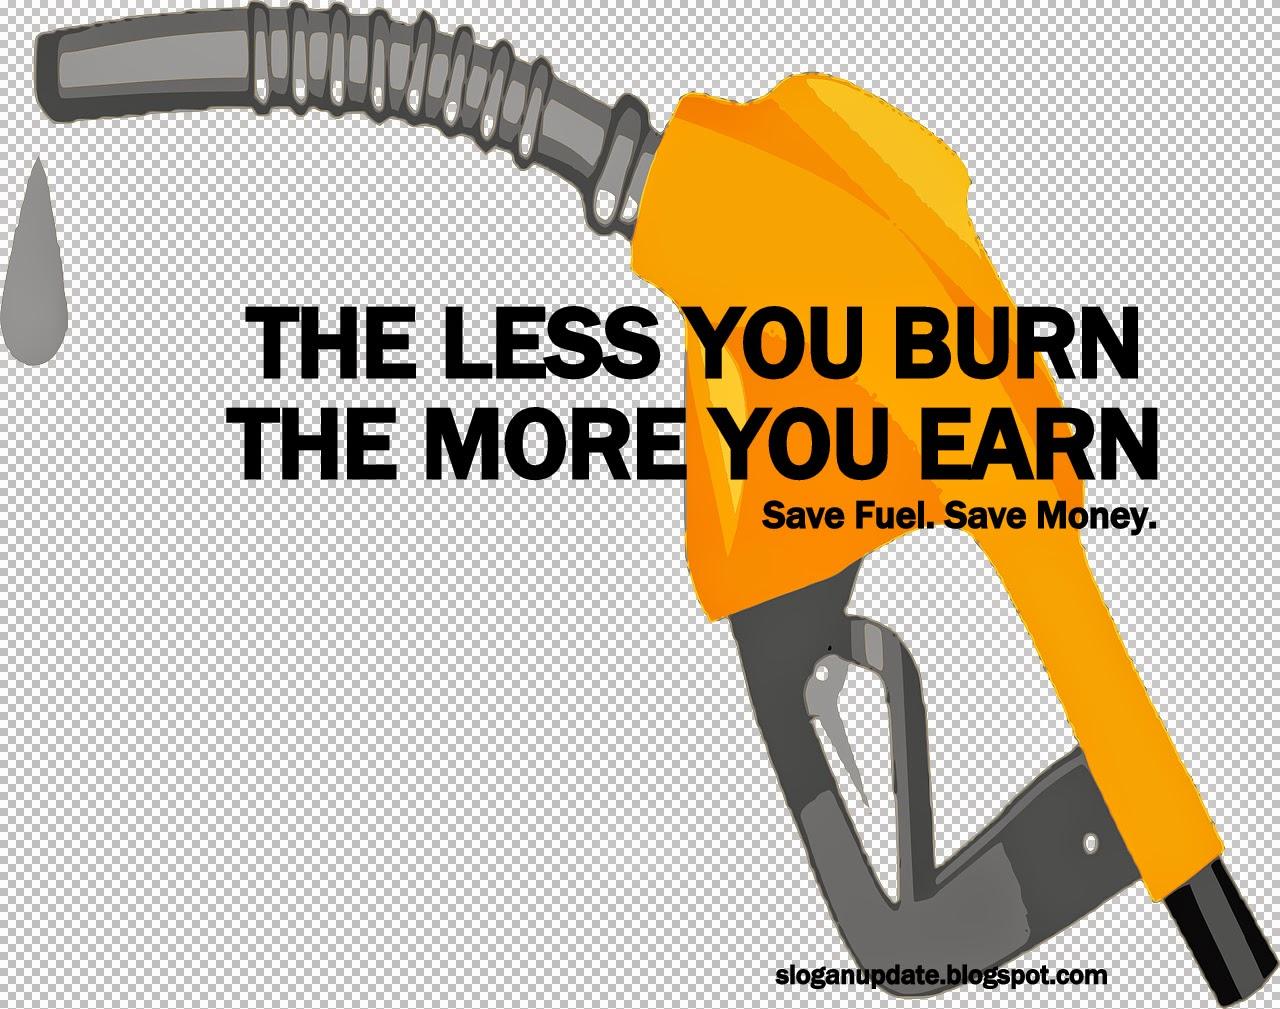 Save Fuel Slogan | SloganUpdate